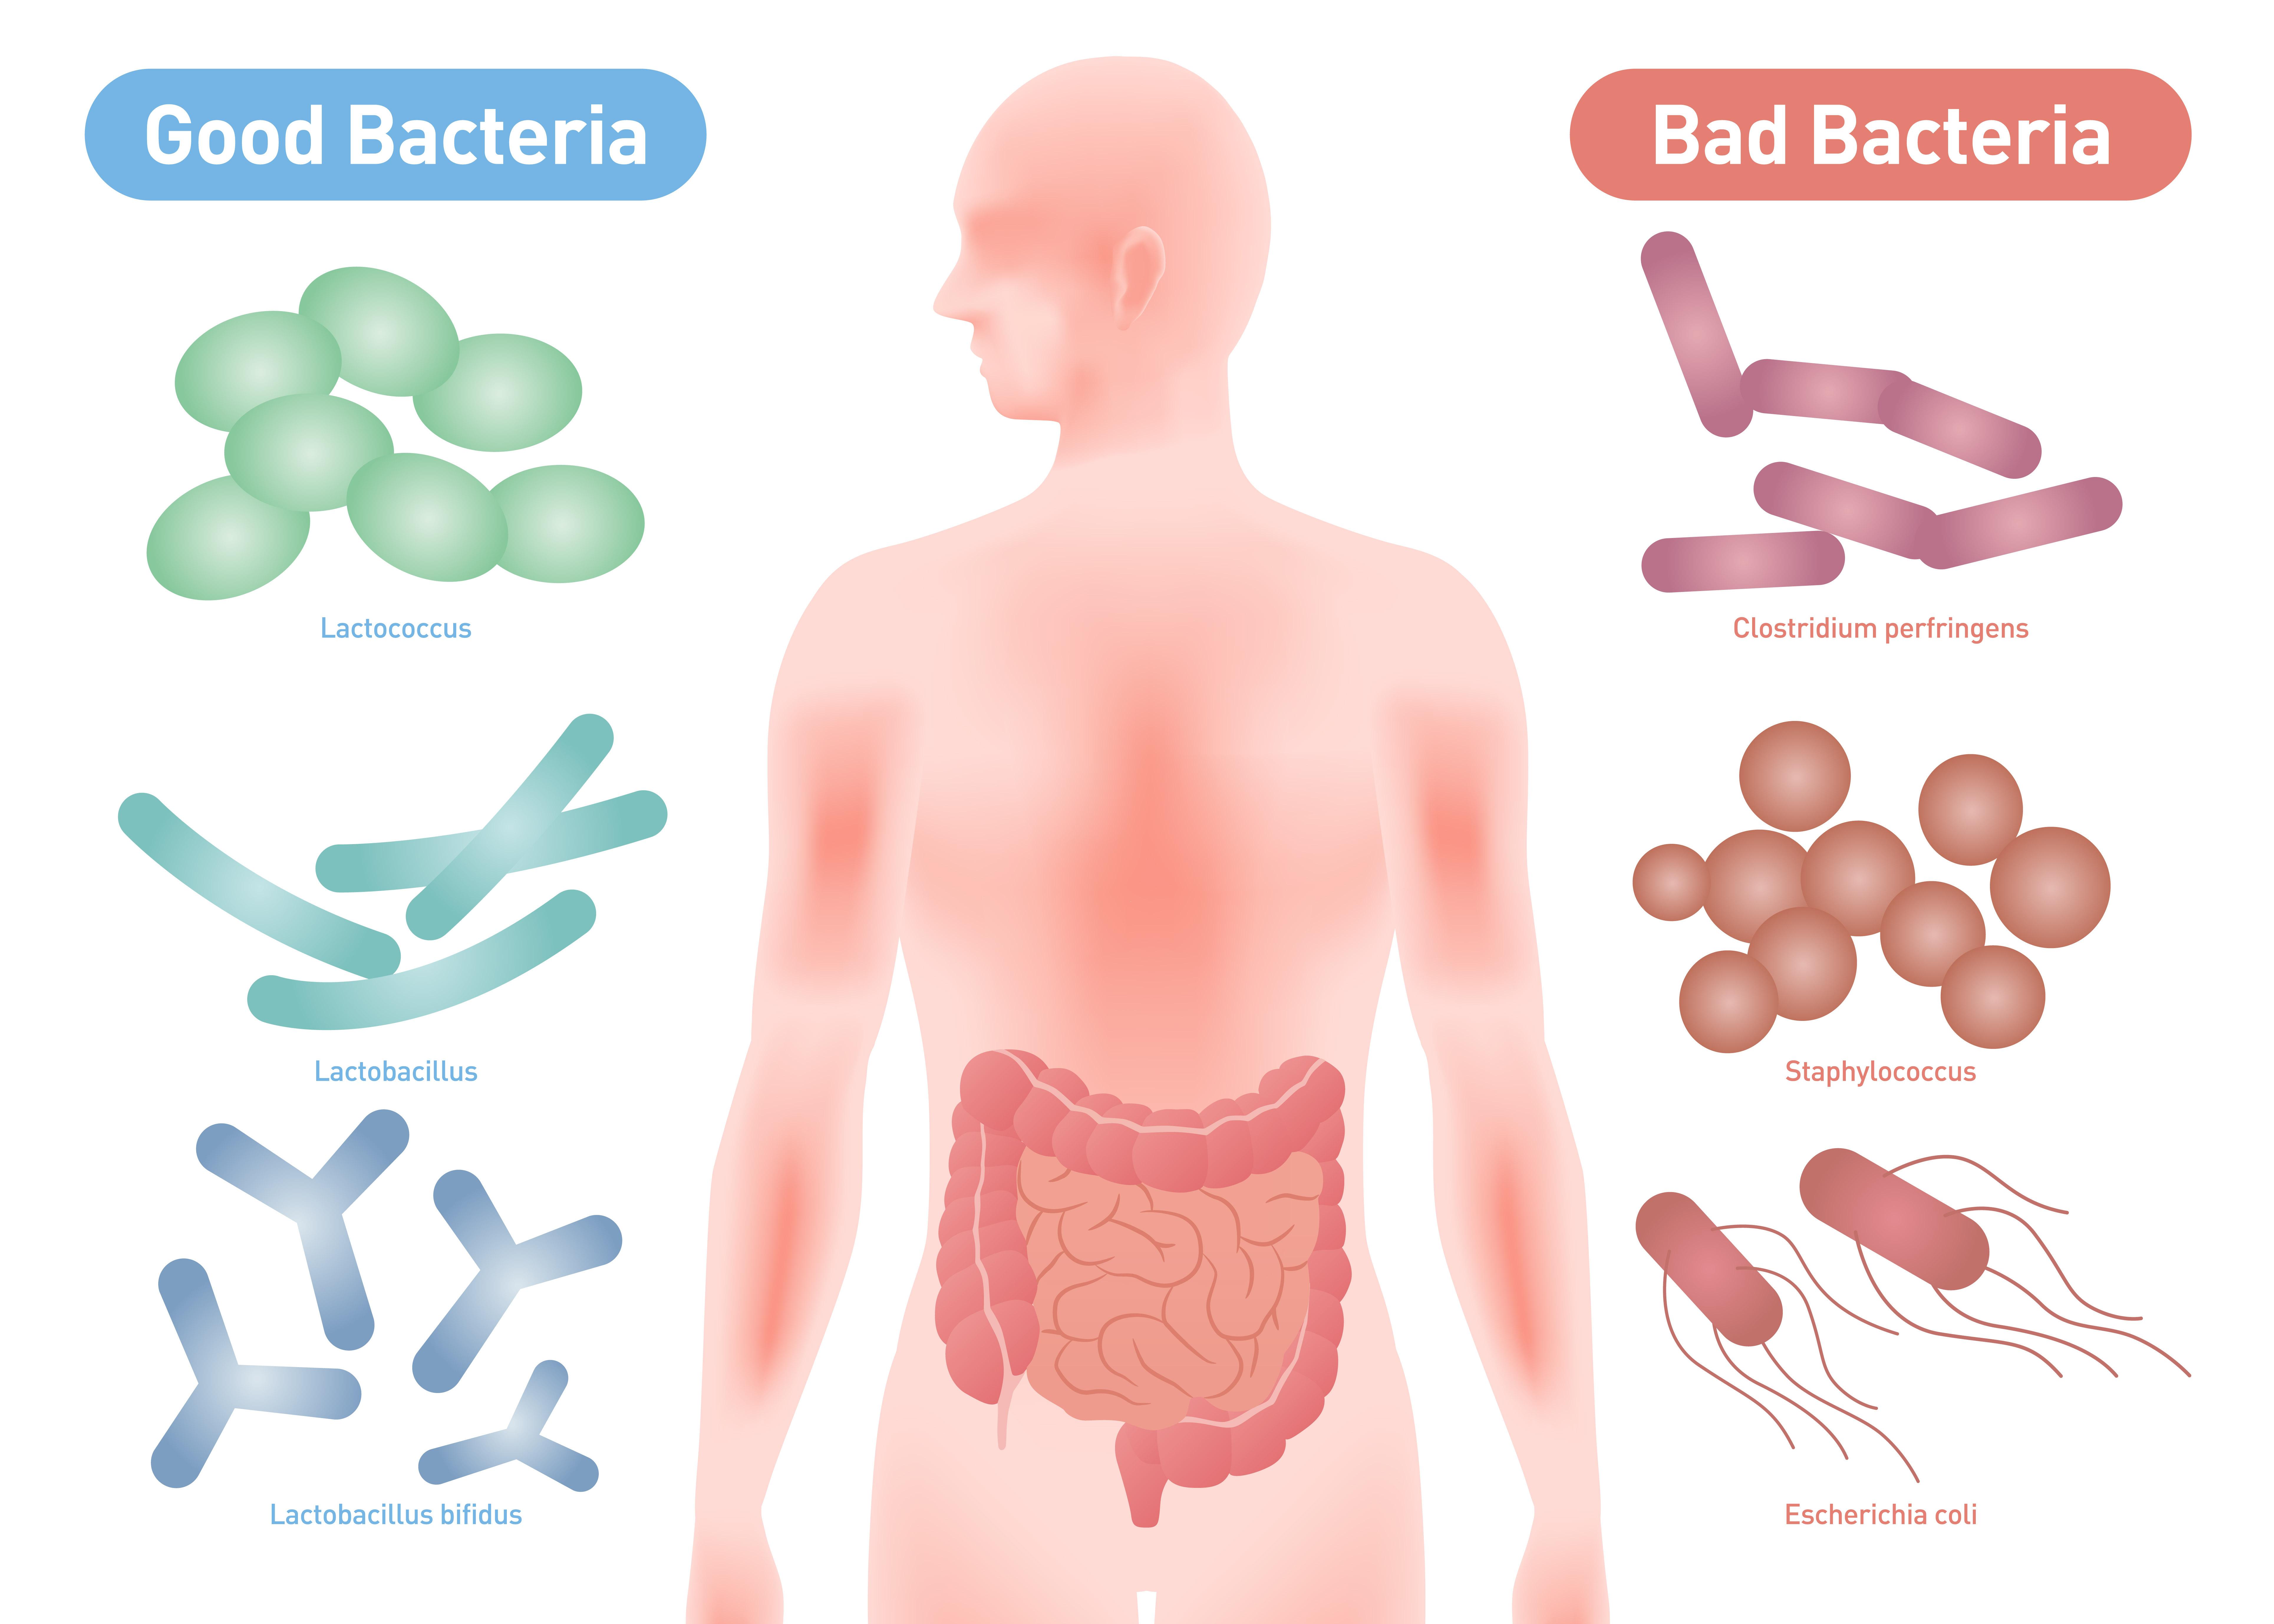 免疫力アップには善玉菌が重要